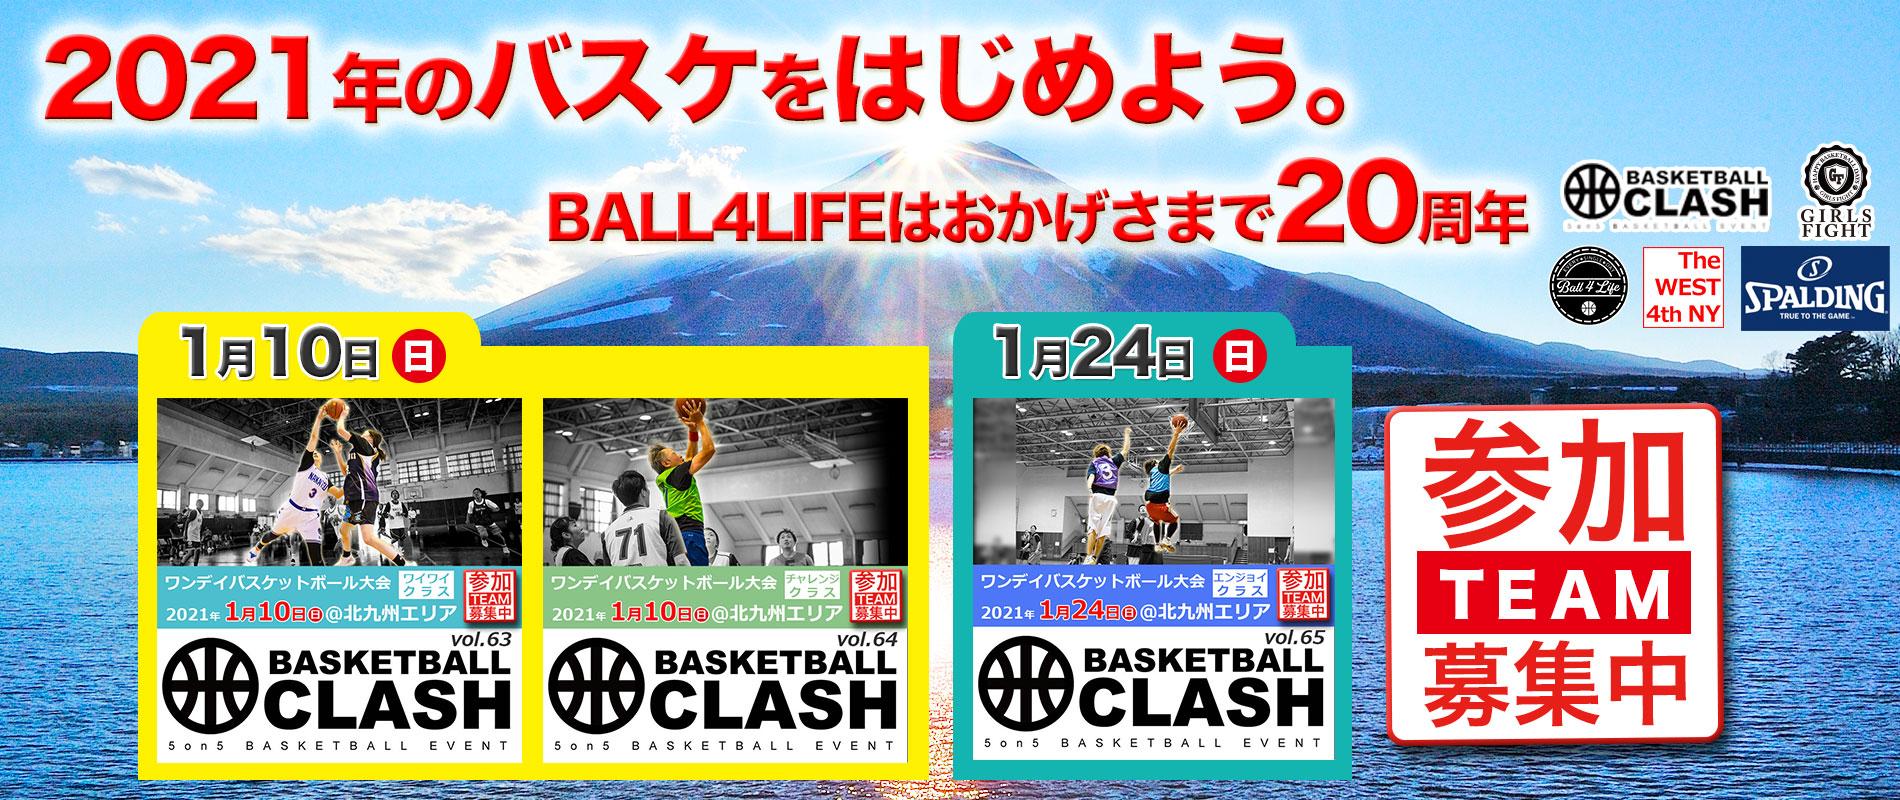 basketball clash ワンデイバスケット大会